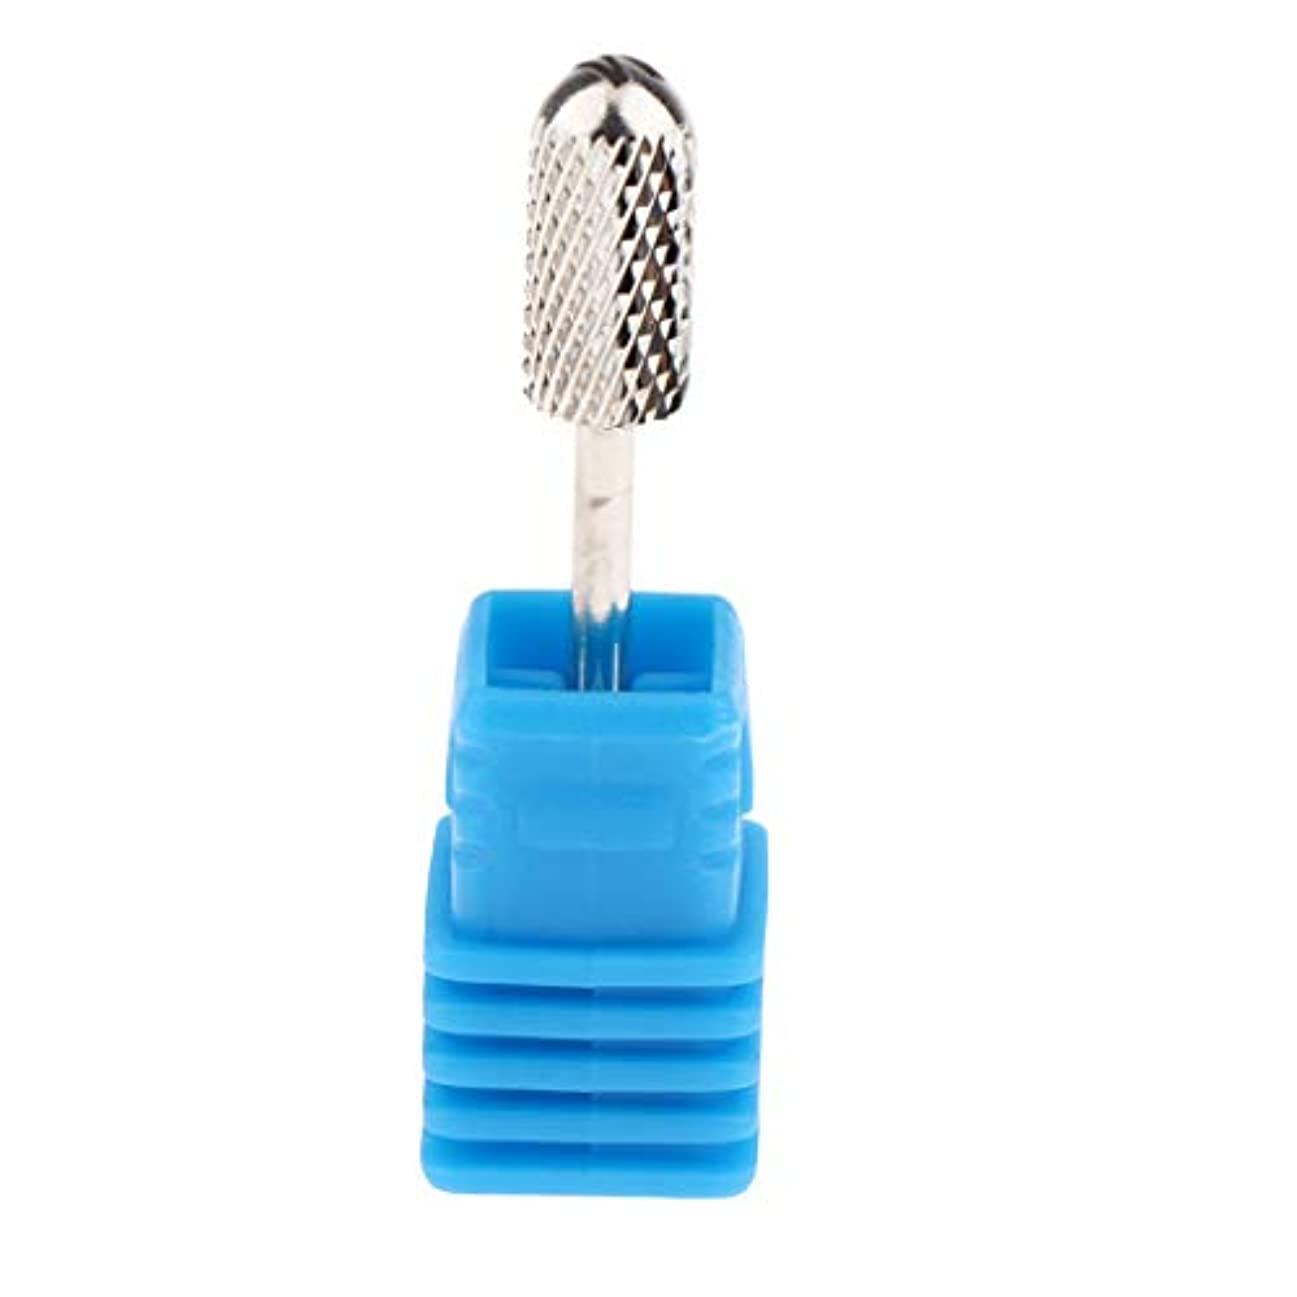 違反する組立気配りのある4サイズ選択 マニキュア ネイルケア用 電気マニキュアドリルビットヘッド 研削ヘッド - M